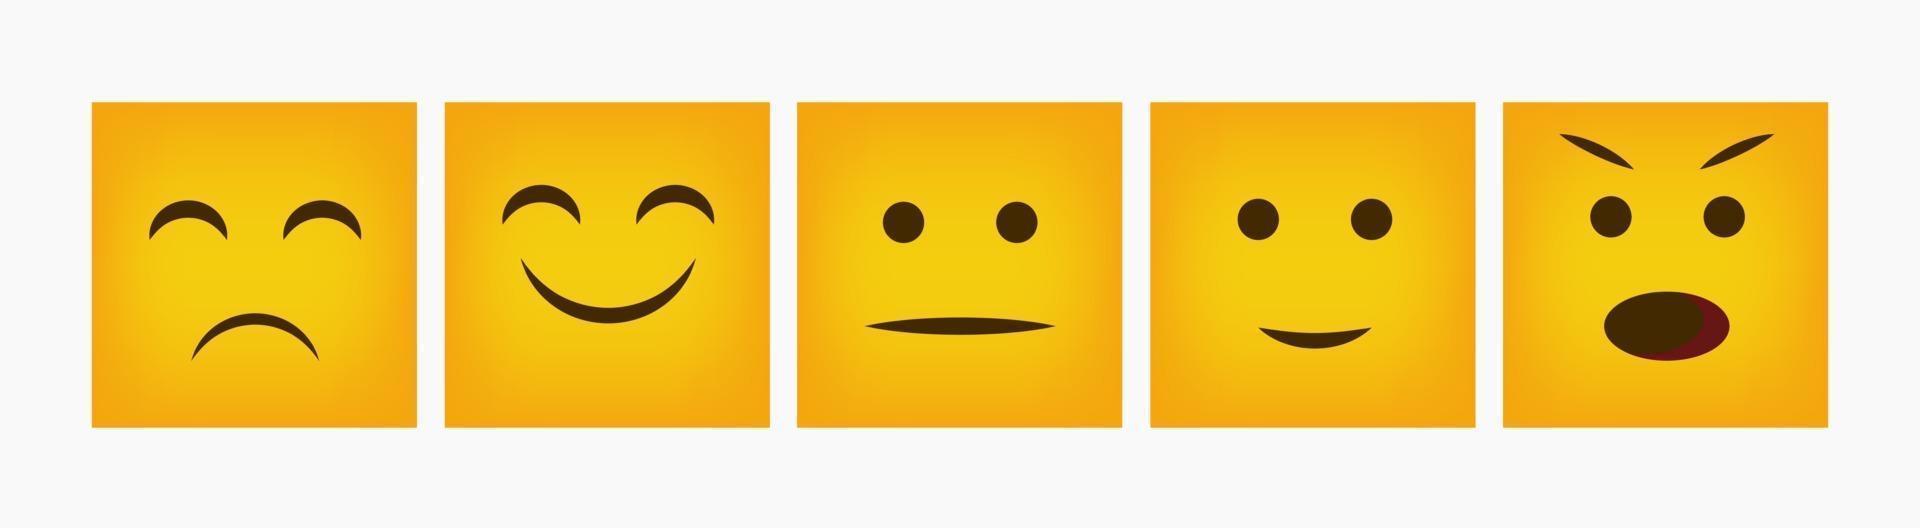 emoticon di design quadrato set piatto di reazione vettore